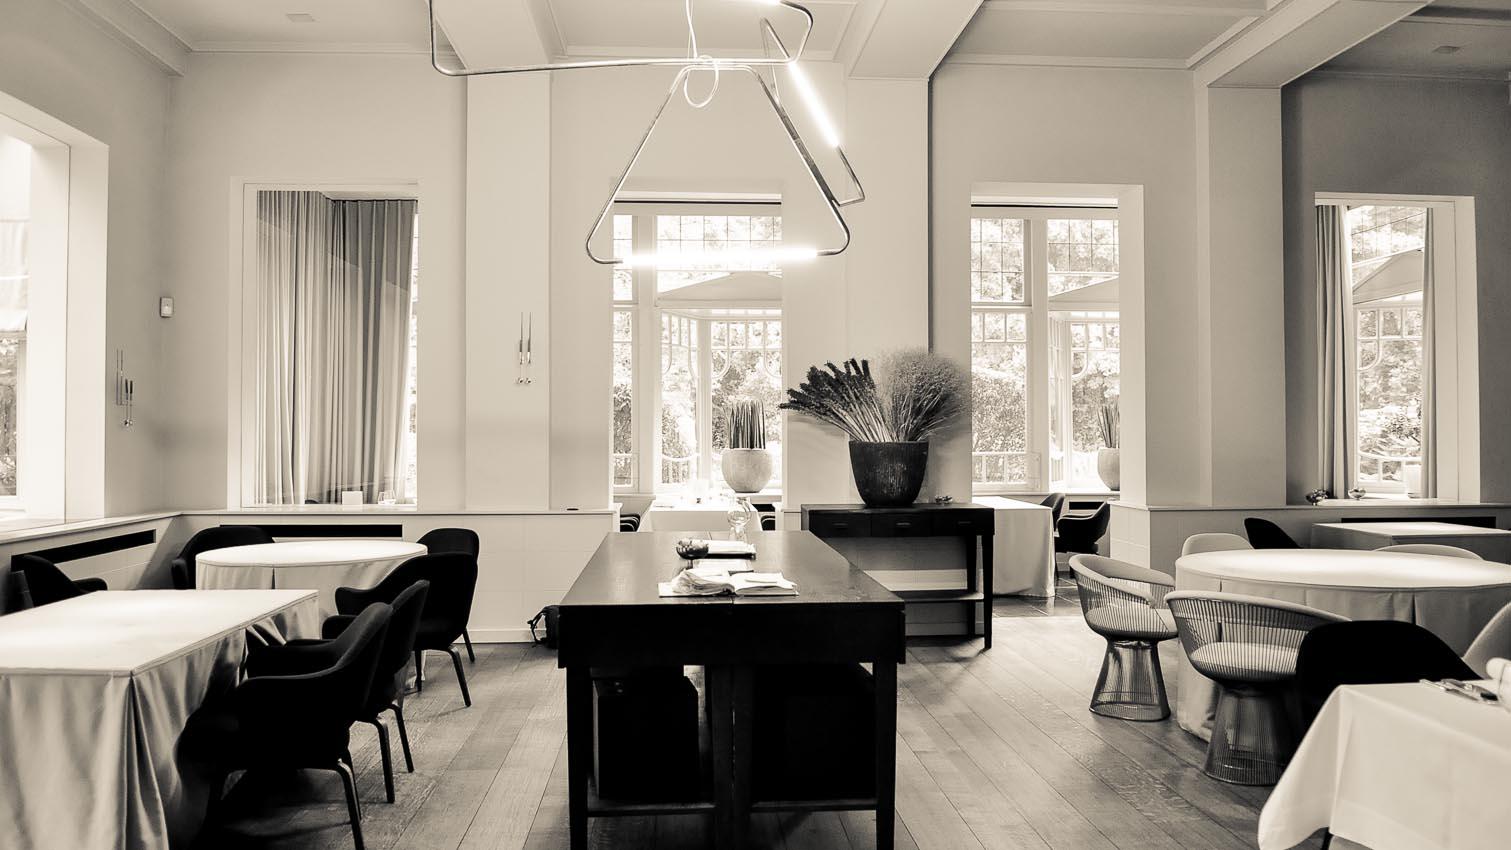 01-cafe-bar-resto-nightclub-decors-film-cinema-photo-belgium-bruxelles